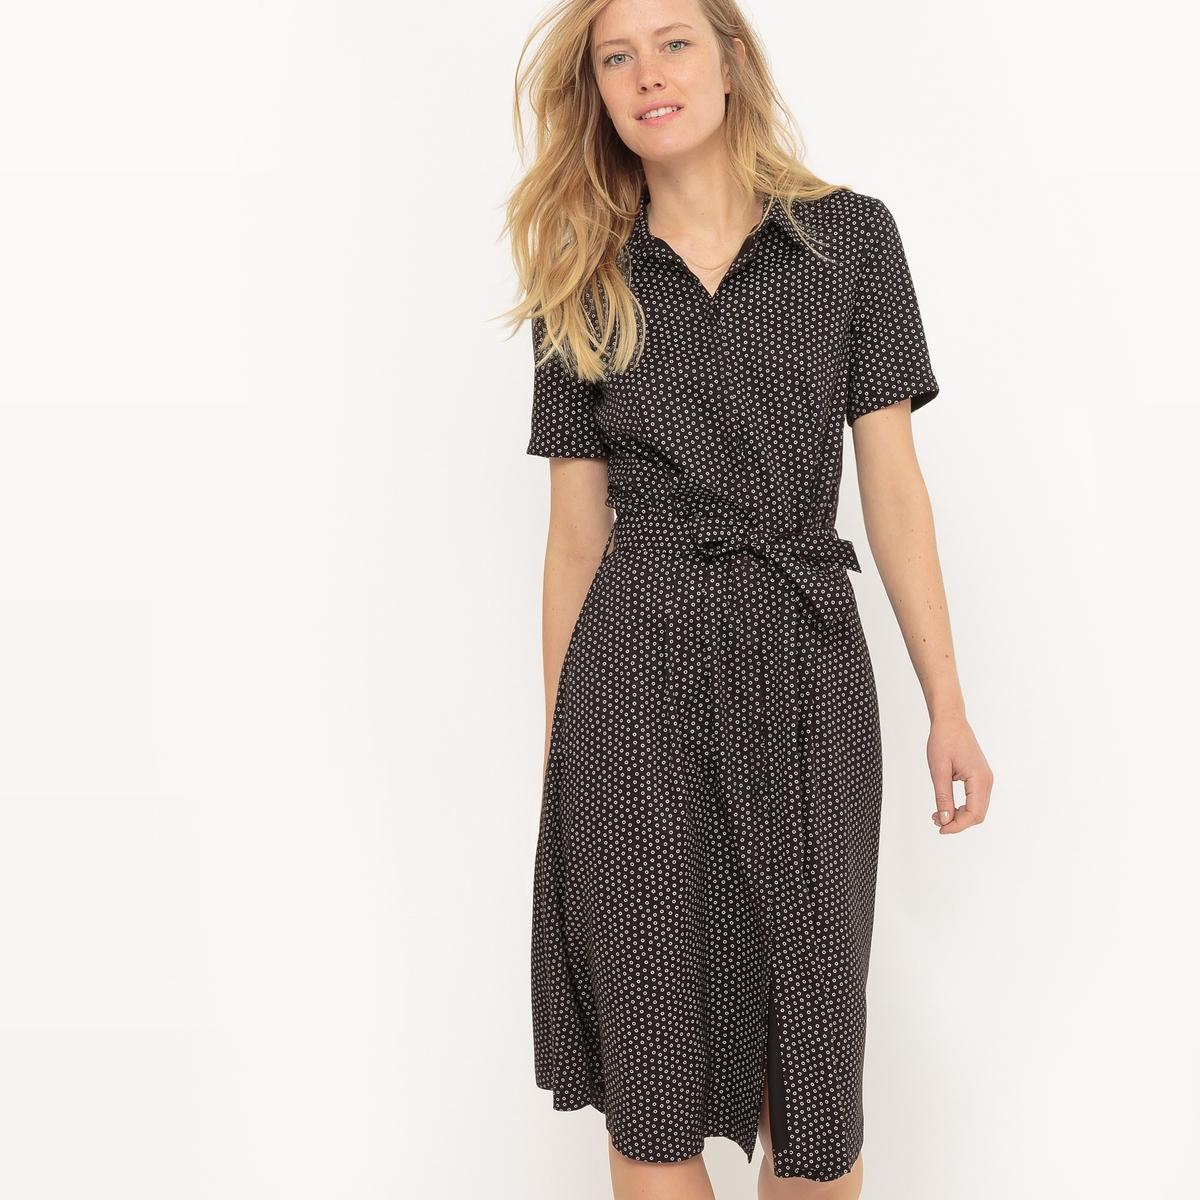 Платье-рубашка с принтом в горошекМатериал : 35% вискозы, 65% лиоцелла       Длина рукава : Короткие рукава       Форма воротника : воротник-поло, рубашечный      Покрой платья : расклешенное платье      Рисунок : в горошек        Длина платья : 108 см      Стирка : машинная стирка при 40 °С      Уход : сухая чистка и отбеливание запрещены      Машинная сушка : в умеренном режиме      Глажка : при умеренной температуре<br><br>Цвет: в горошек<br>Размер: 34 (FR) - 40 (RUS).52 (FR) - 58 (RUS)